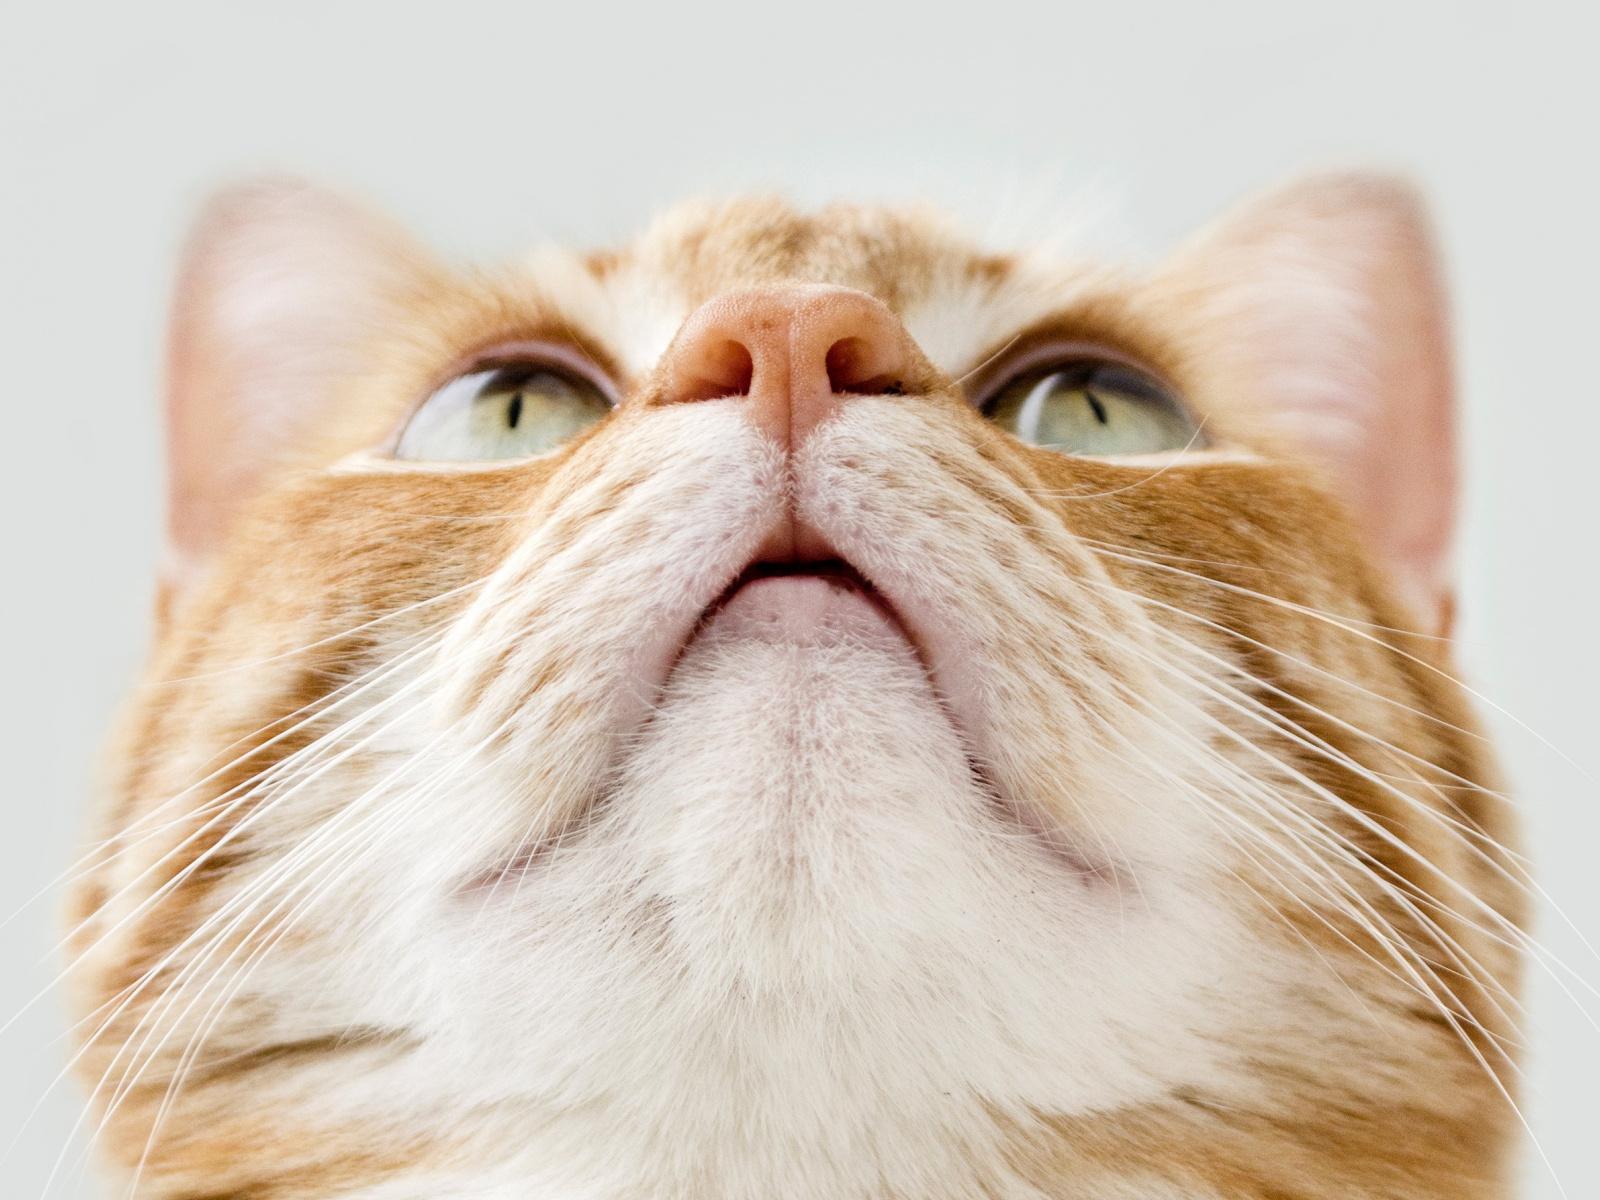 Фото Мордочка бело-рыжего кота